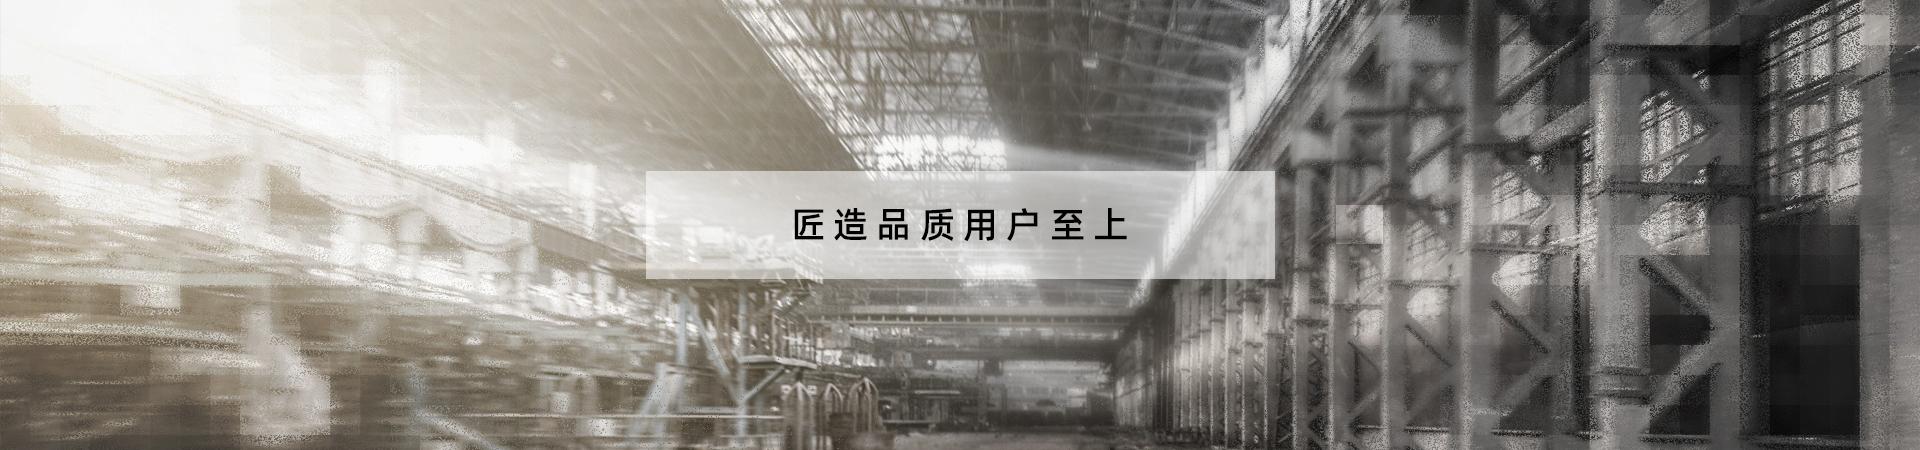 http://ubcen.com/data/upload/202004/20200429140725_165.jpg